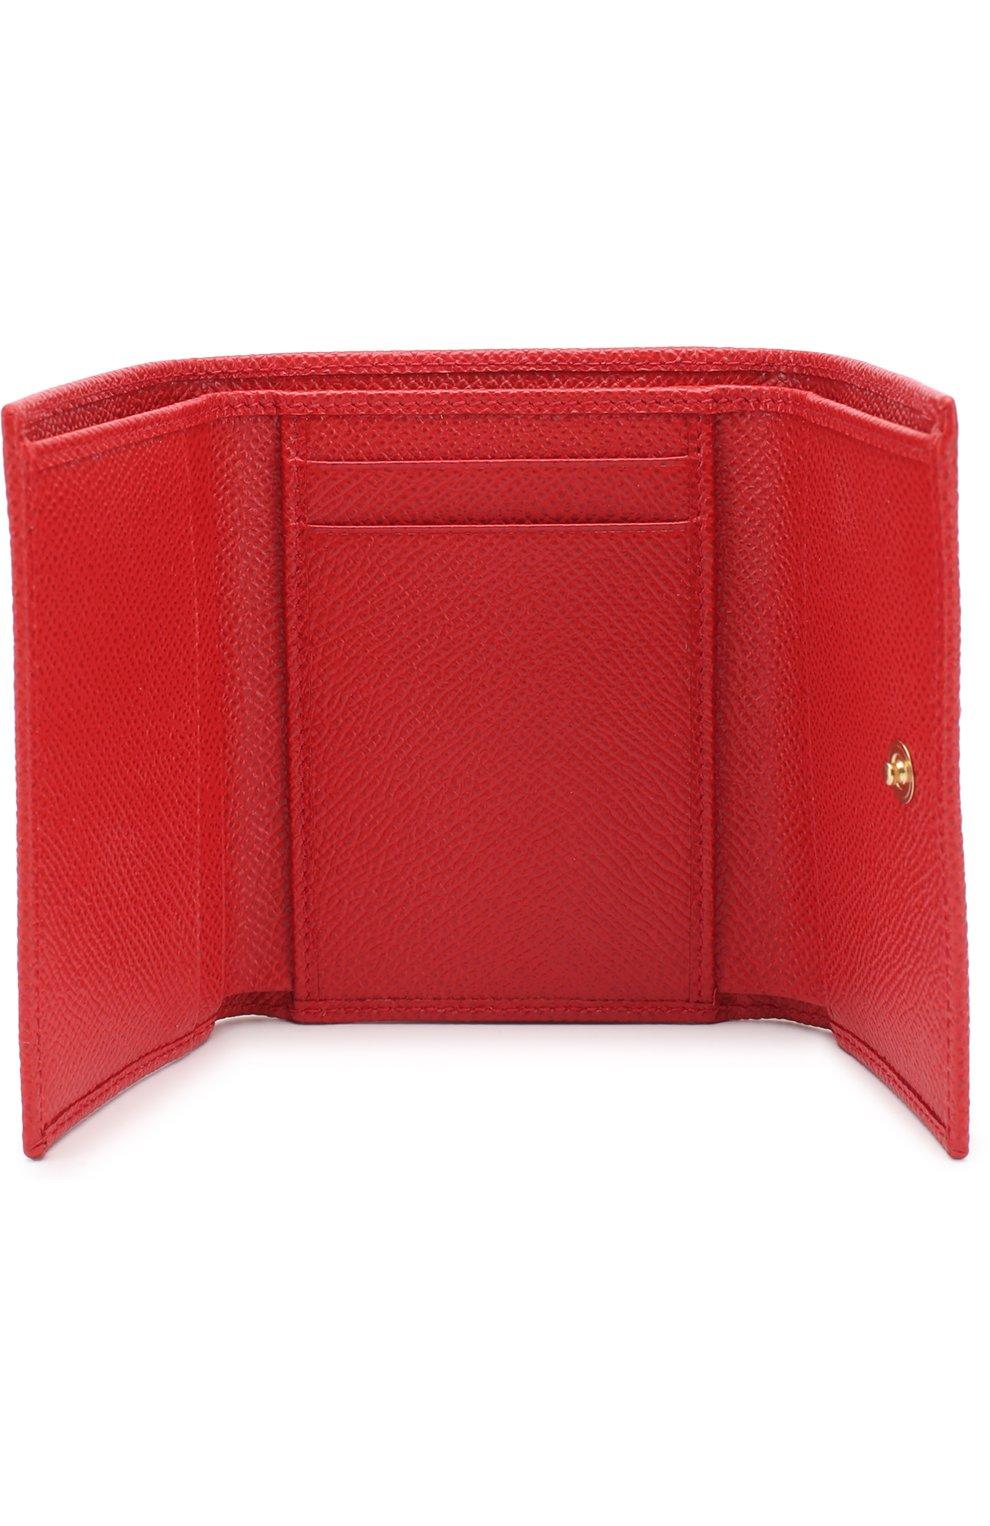 Кожаный кошелек с логотипом бренда   Фото №3